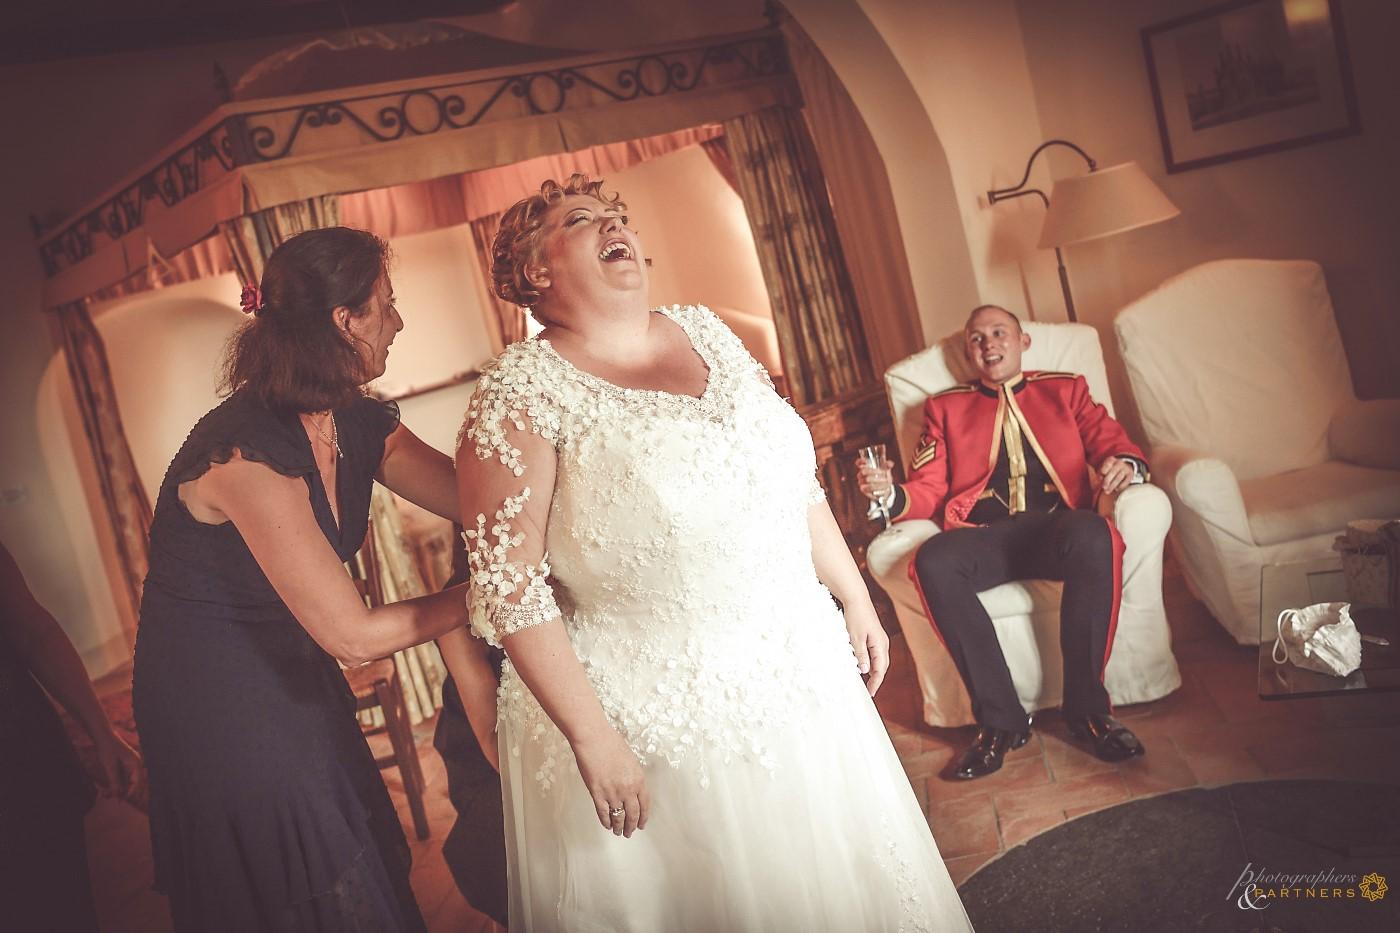 Bride's preparations 💐